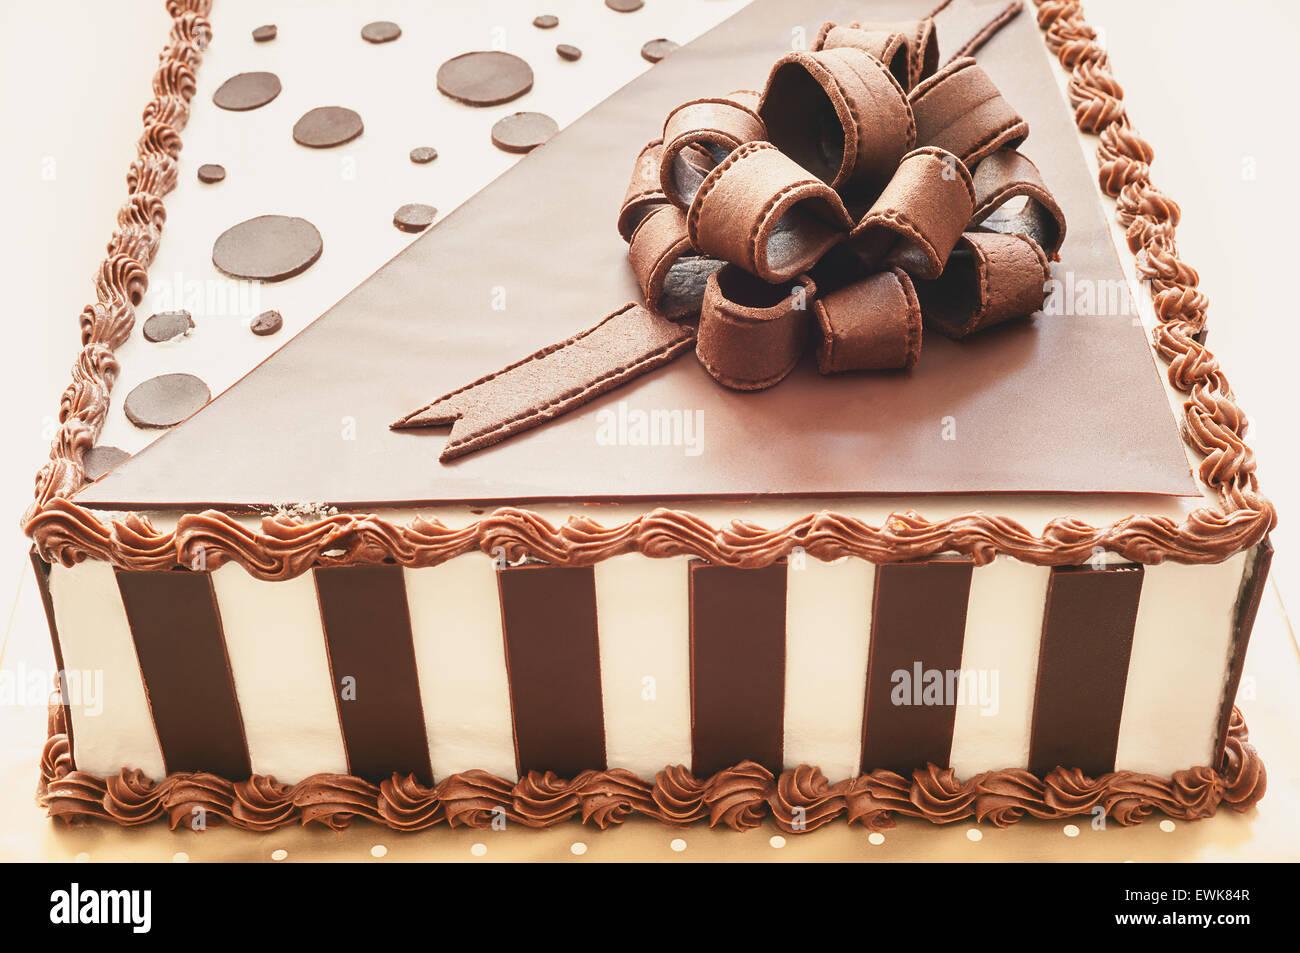 Portrait d'un gâteau au chocolat, deux couleurs marron et blanc, voir du premier plan à la page. Photo Stock